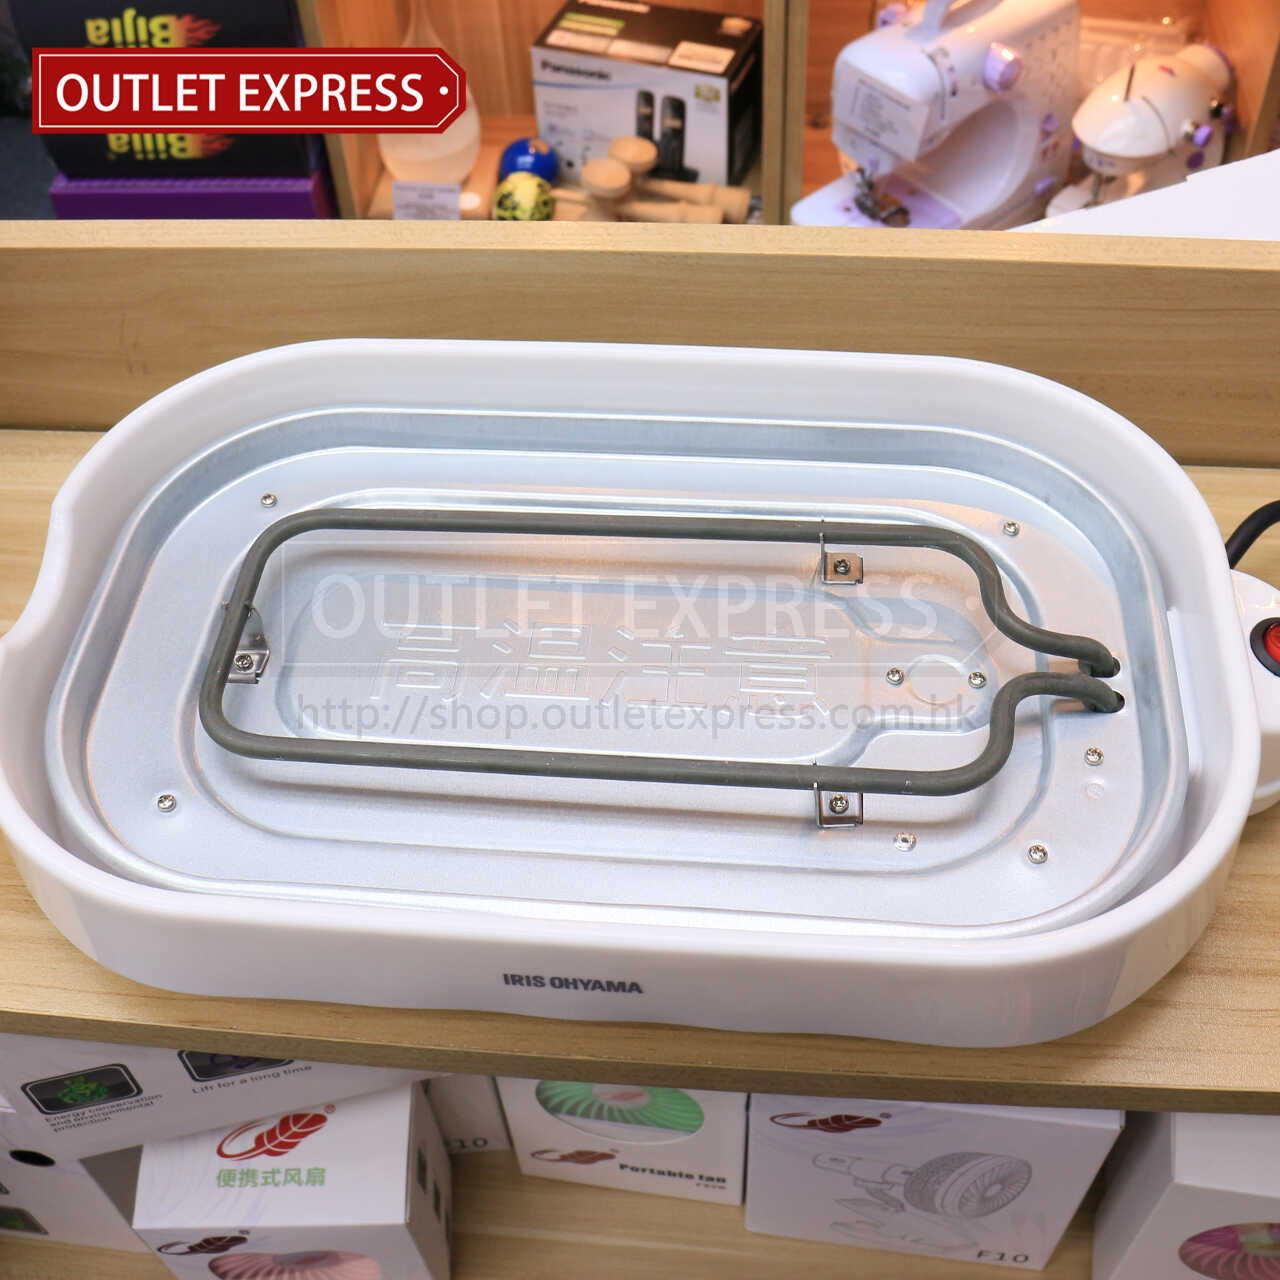 日本IRIS ITY-24W -W 章魚燒電煎板 | 燒肉烤盤  發熱元件- Outlet Express HK生活百貨城